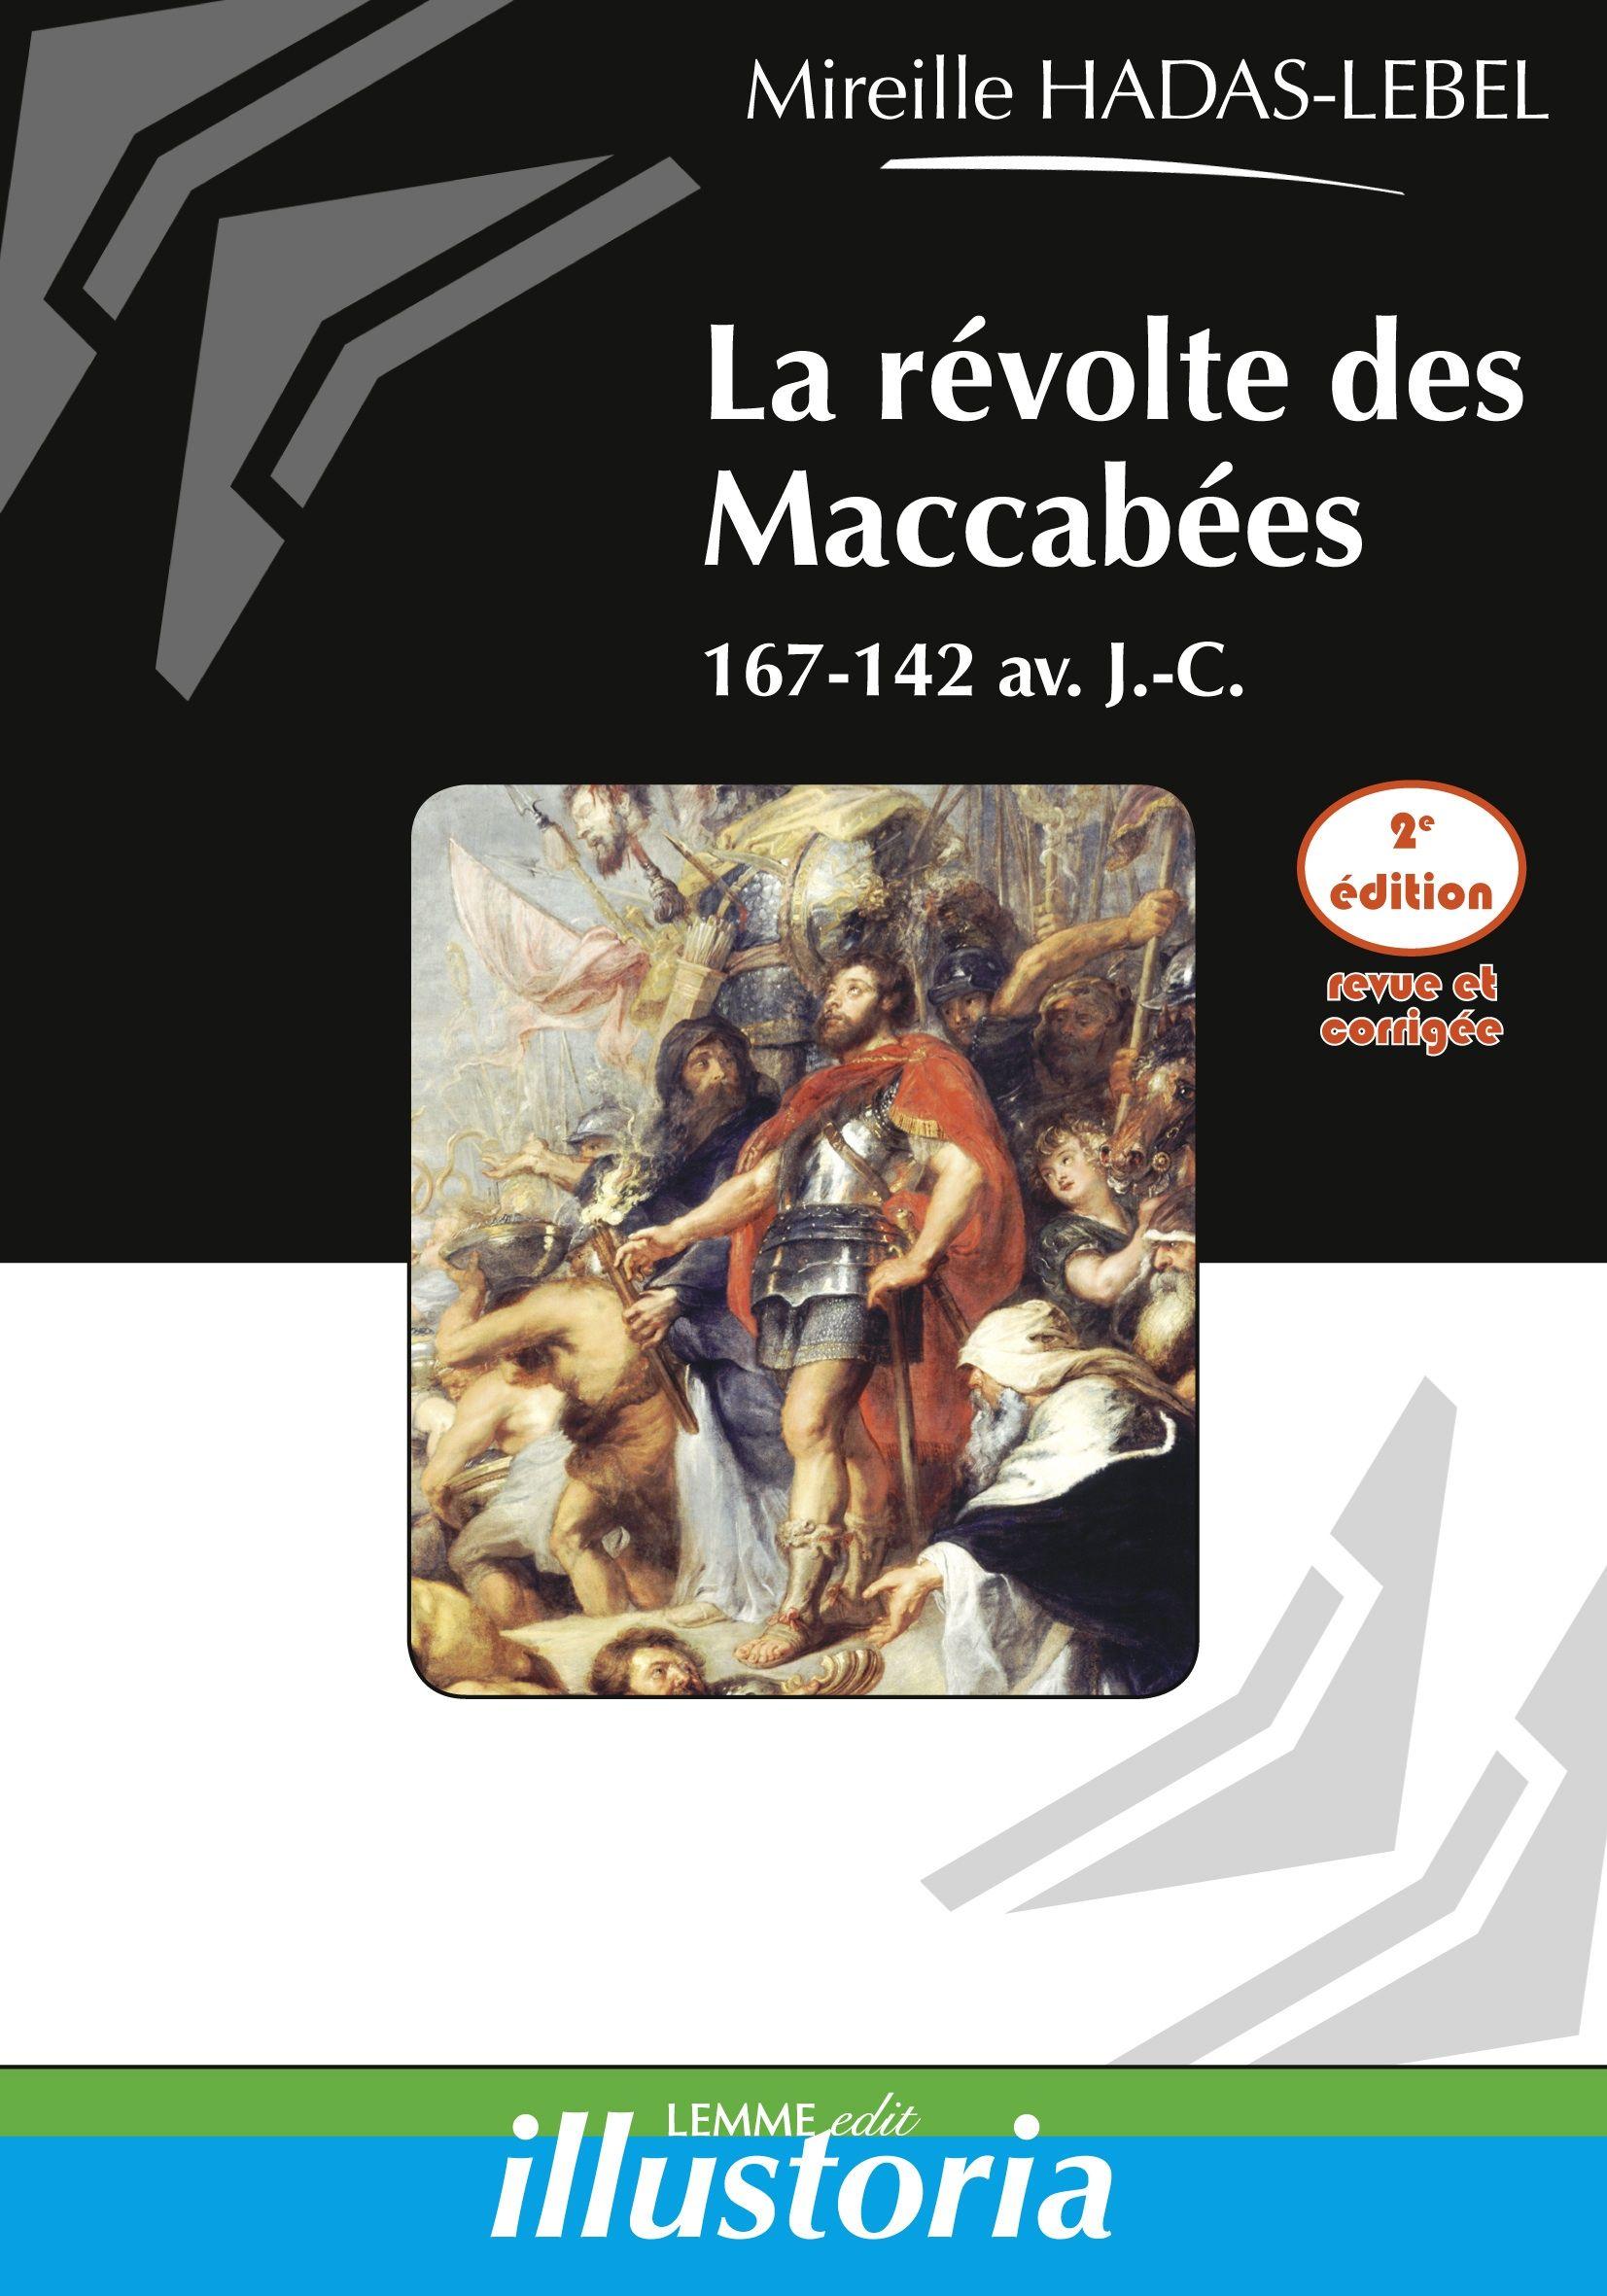 La révolte des Maccabées (2e éd.), Mireille Hadas-Lebel, ouvrage histoire ancienne, histoire romaine, Rome, Judée, Hérode, Juifs.